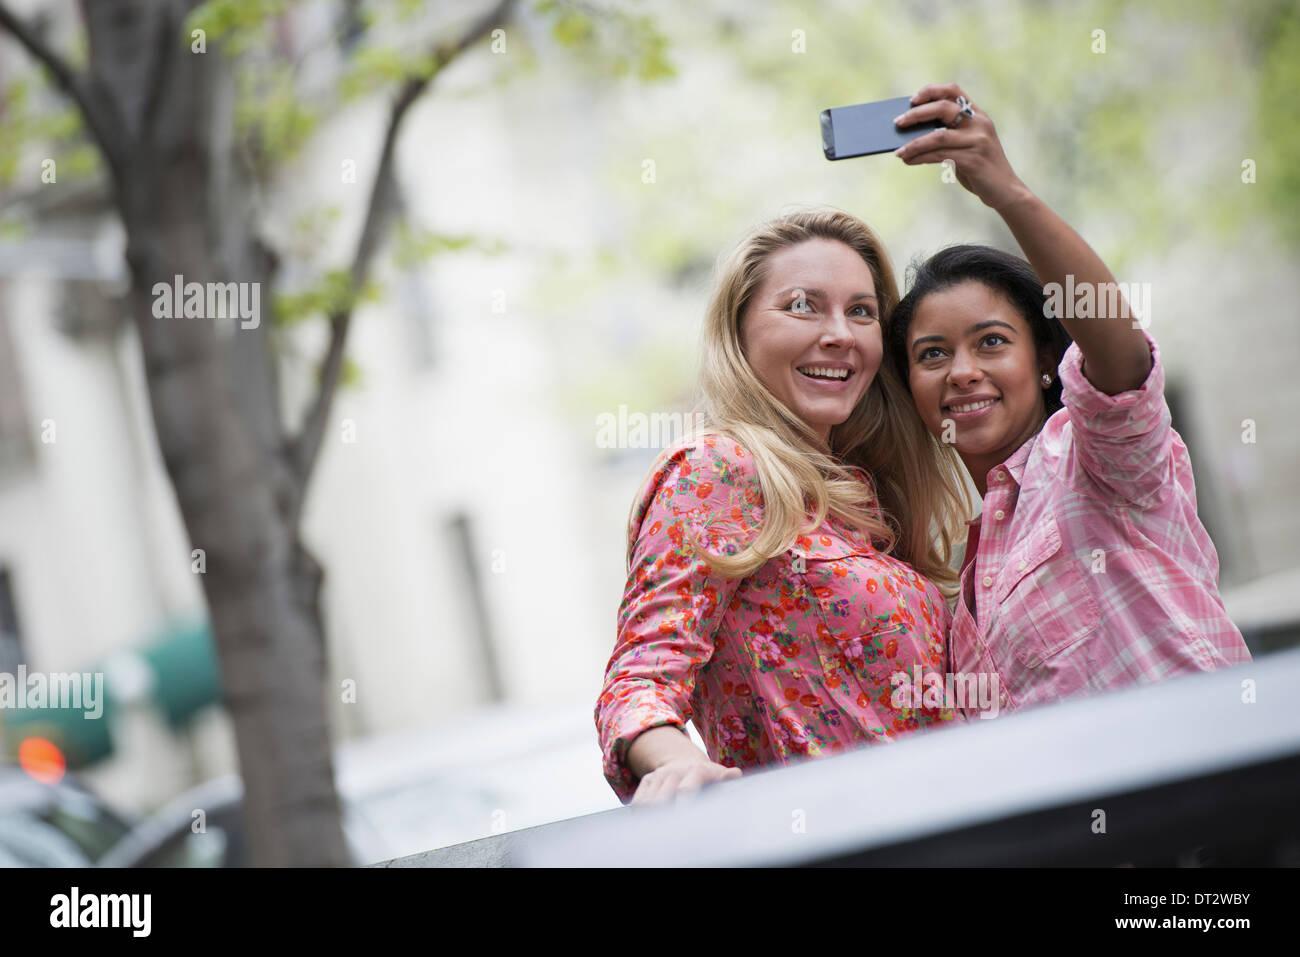 Vue sur cityYoung les gens à l'extérieur dans un parc de la ville deux femmes prenant un autoportrait ou selfy avec Banque D'Images